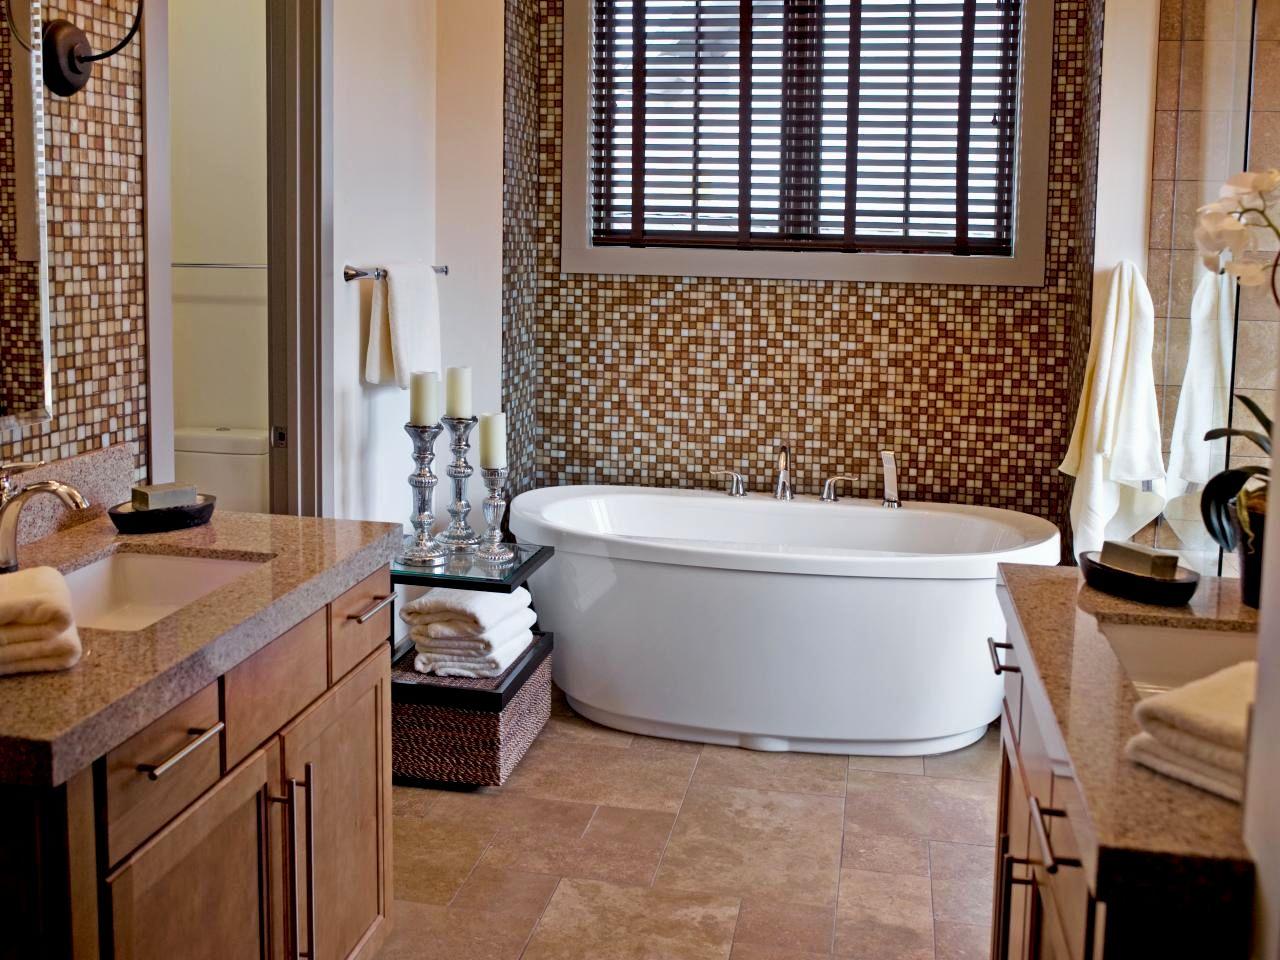 lovely vanities for bathroom design-Sensational Vanities for Bathroom Concept